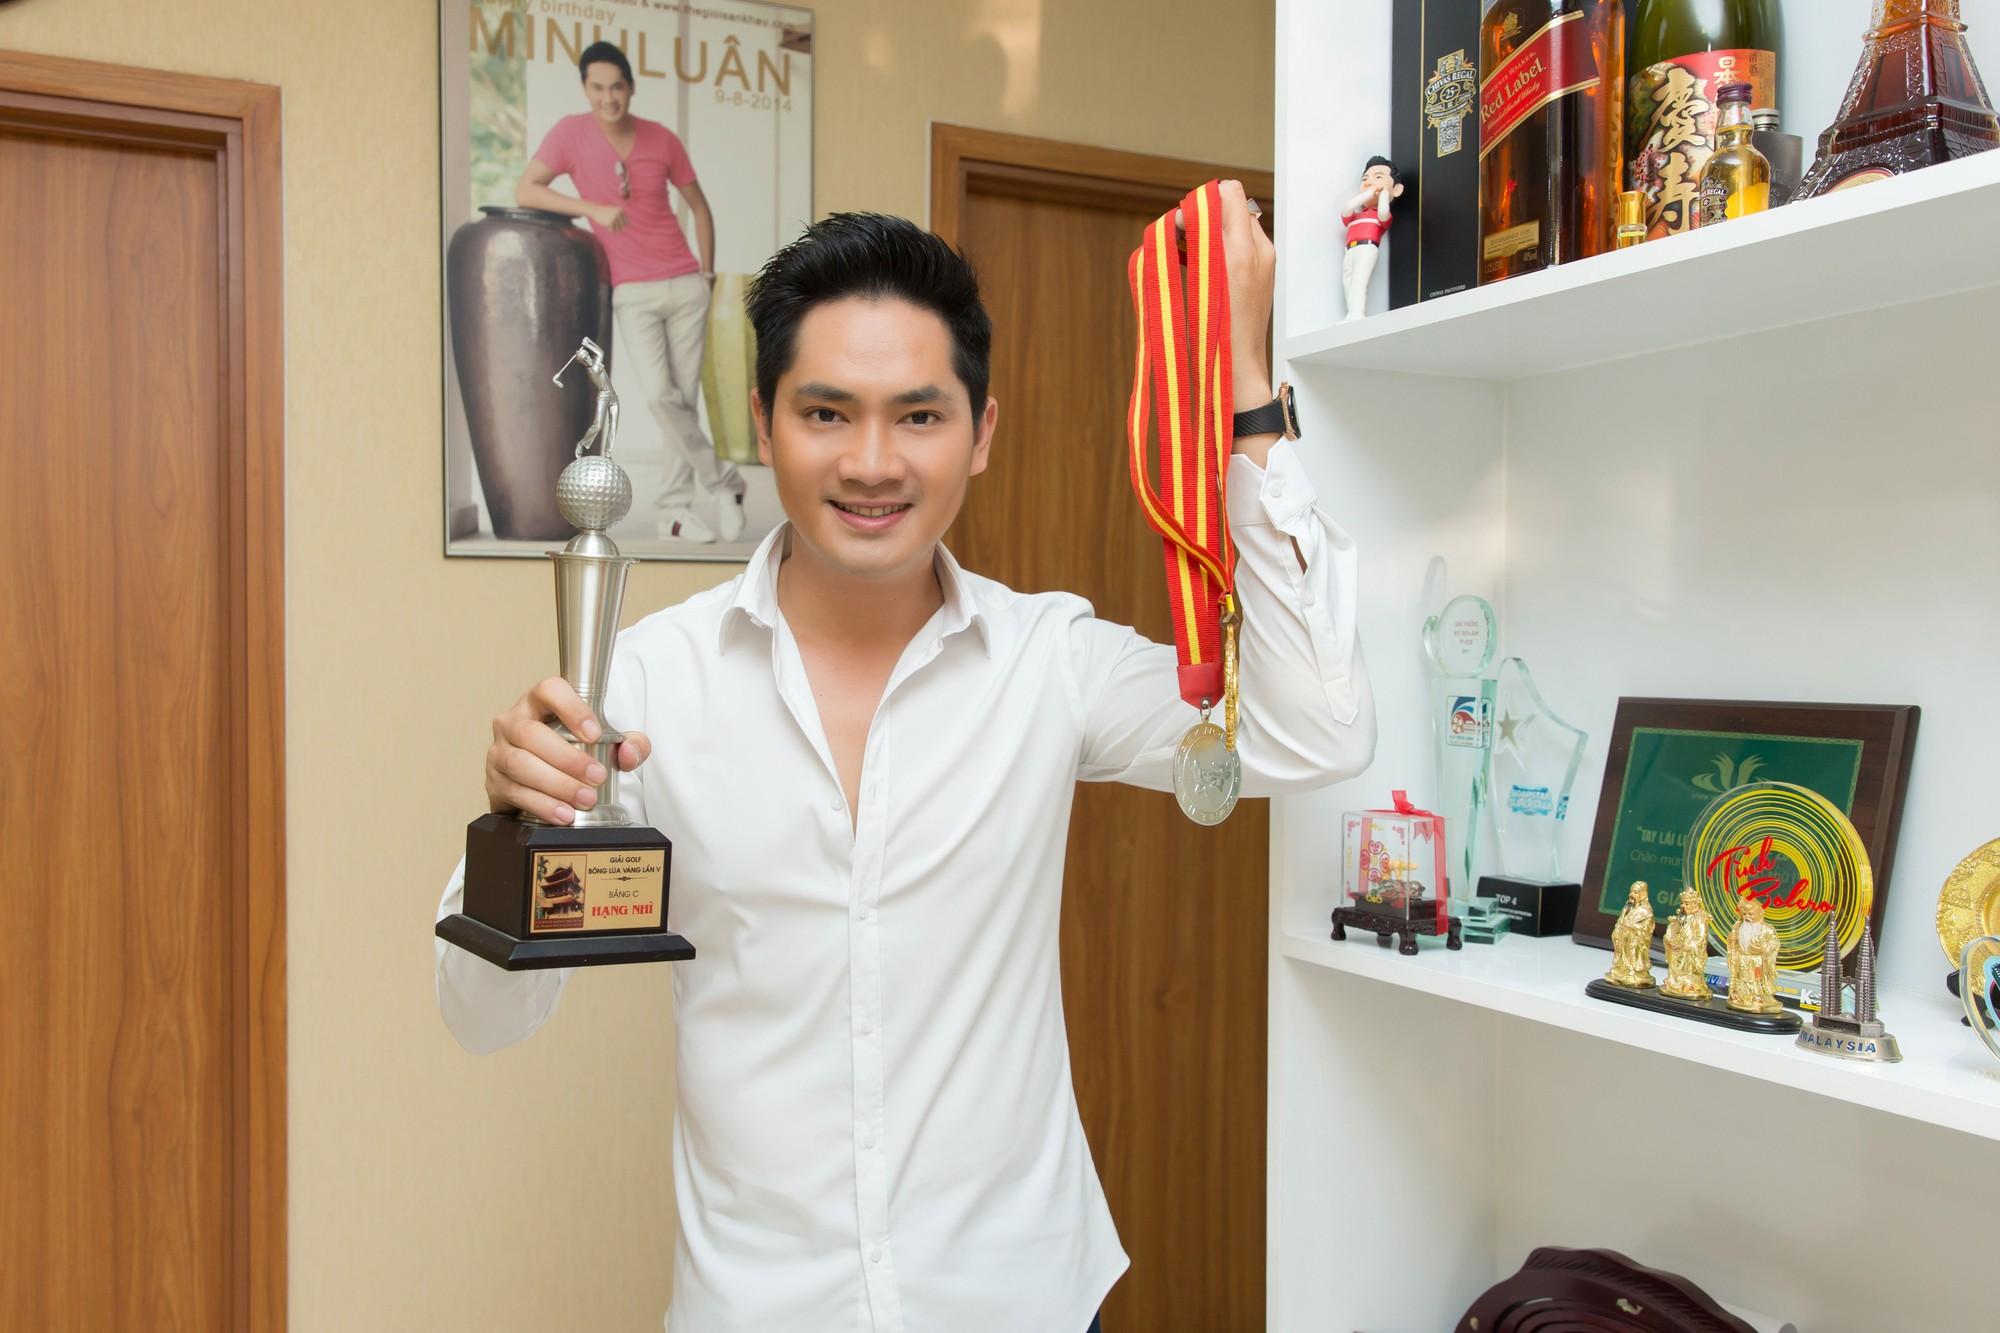 Diễn viên Minh Luân tự hào khoe căn hộ rộng 100 m2 sau 10 năm lập nghiệp ở TP HCM  - Ảnh 5.